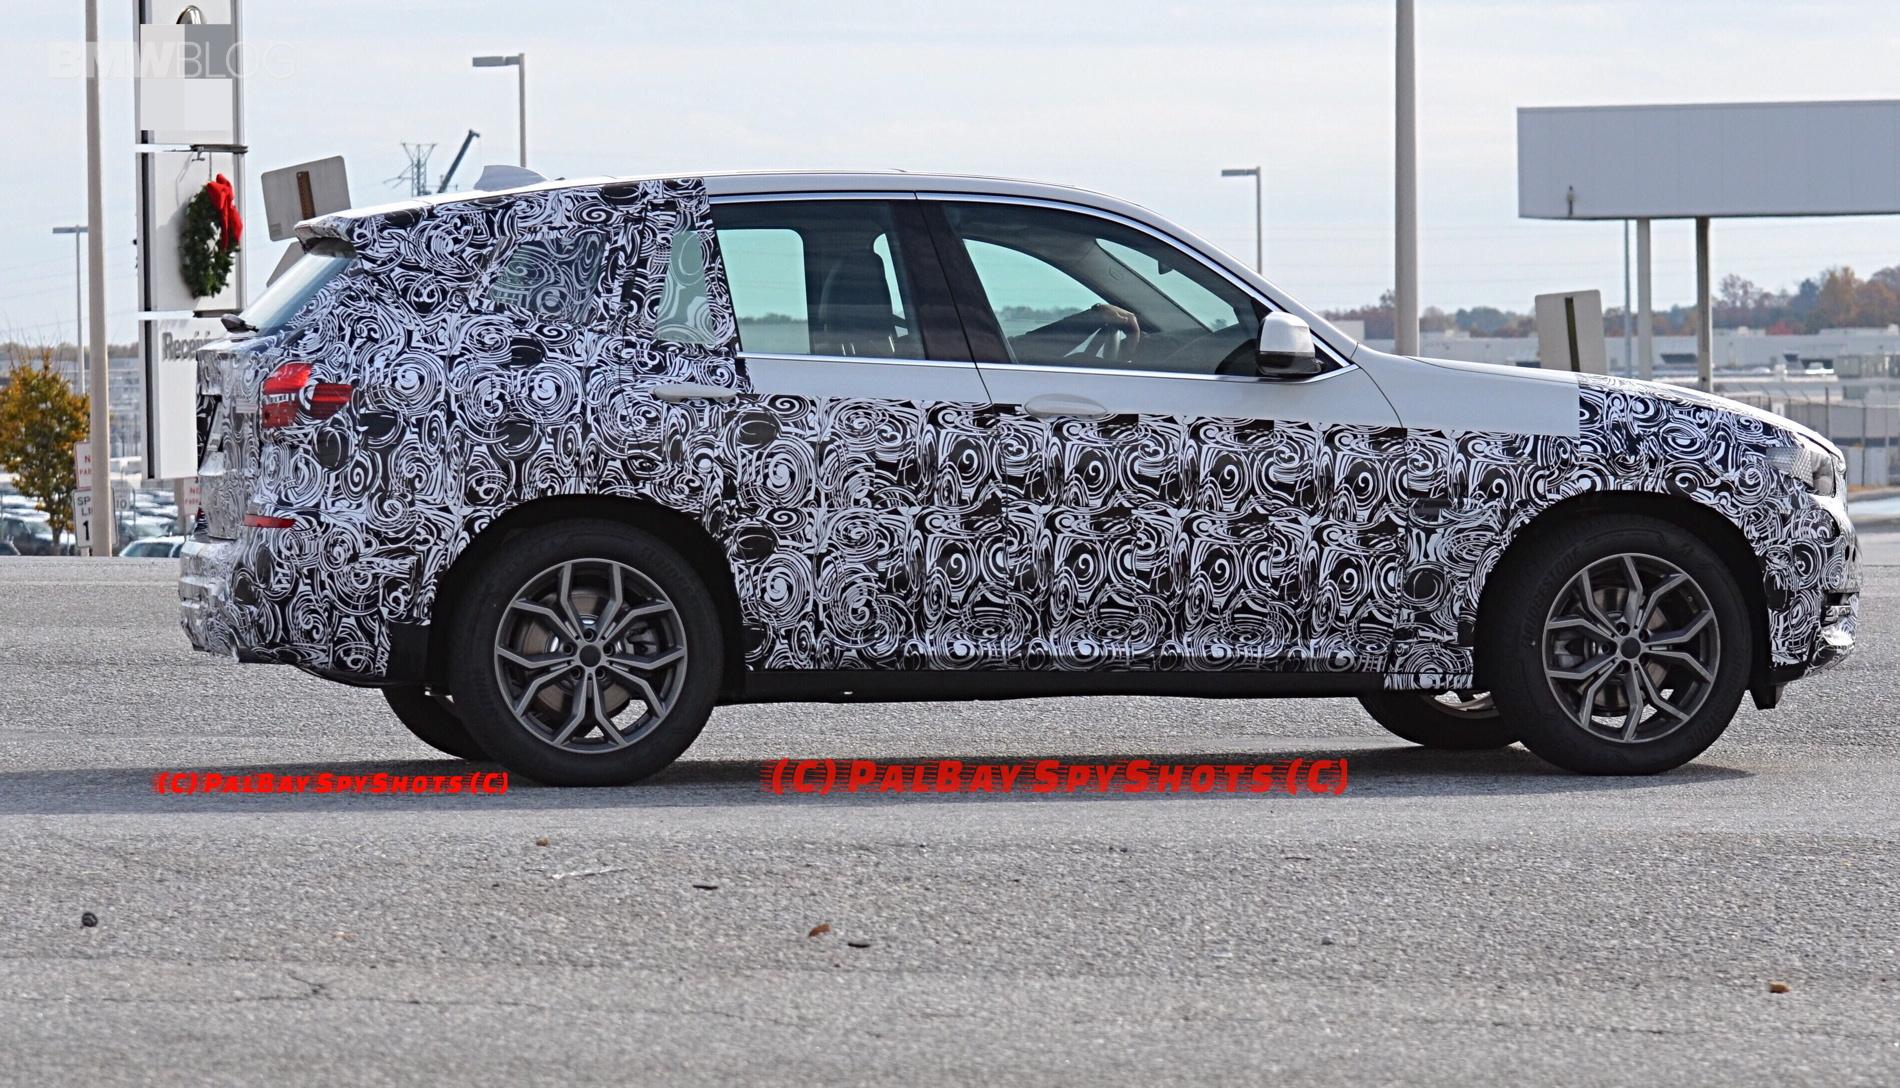 2016 - [BMW] X3 [G01] - Page 6 BMW-X3-M40i-spy-photos-2